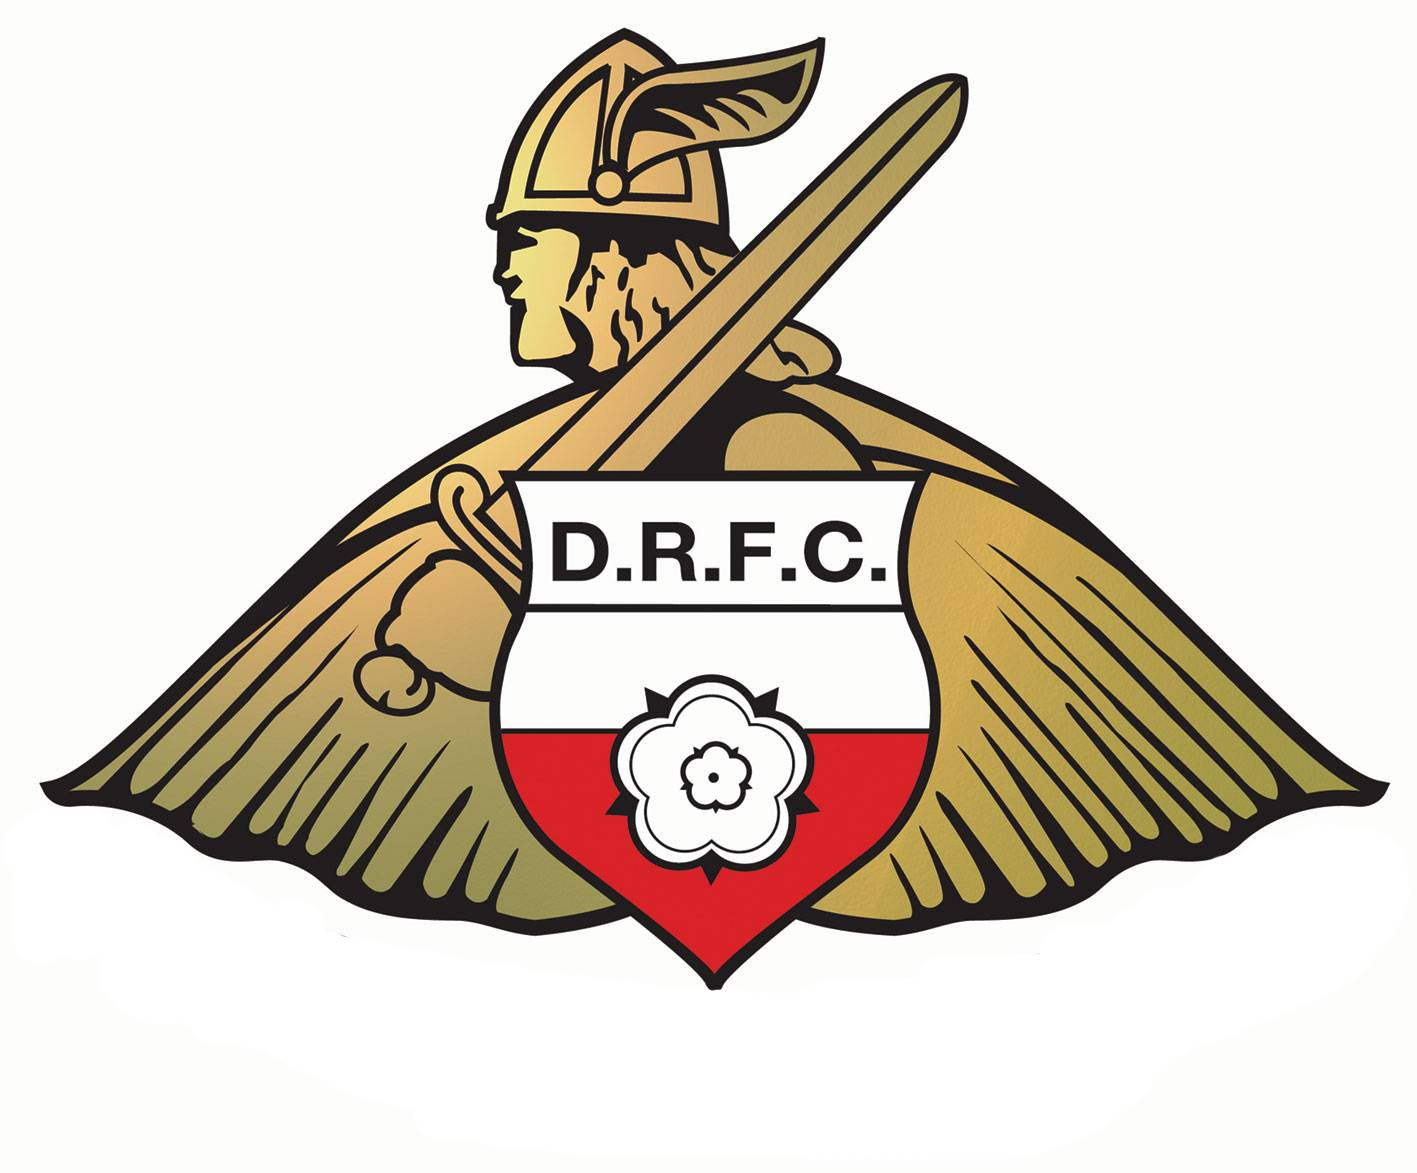 Логотип Донкастер Роверс - Stone Forest